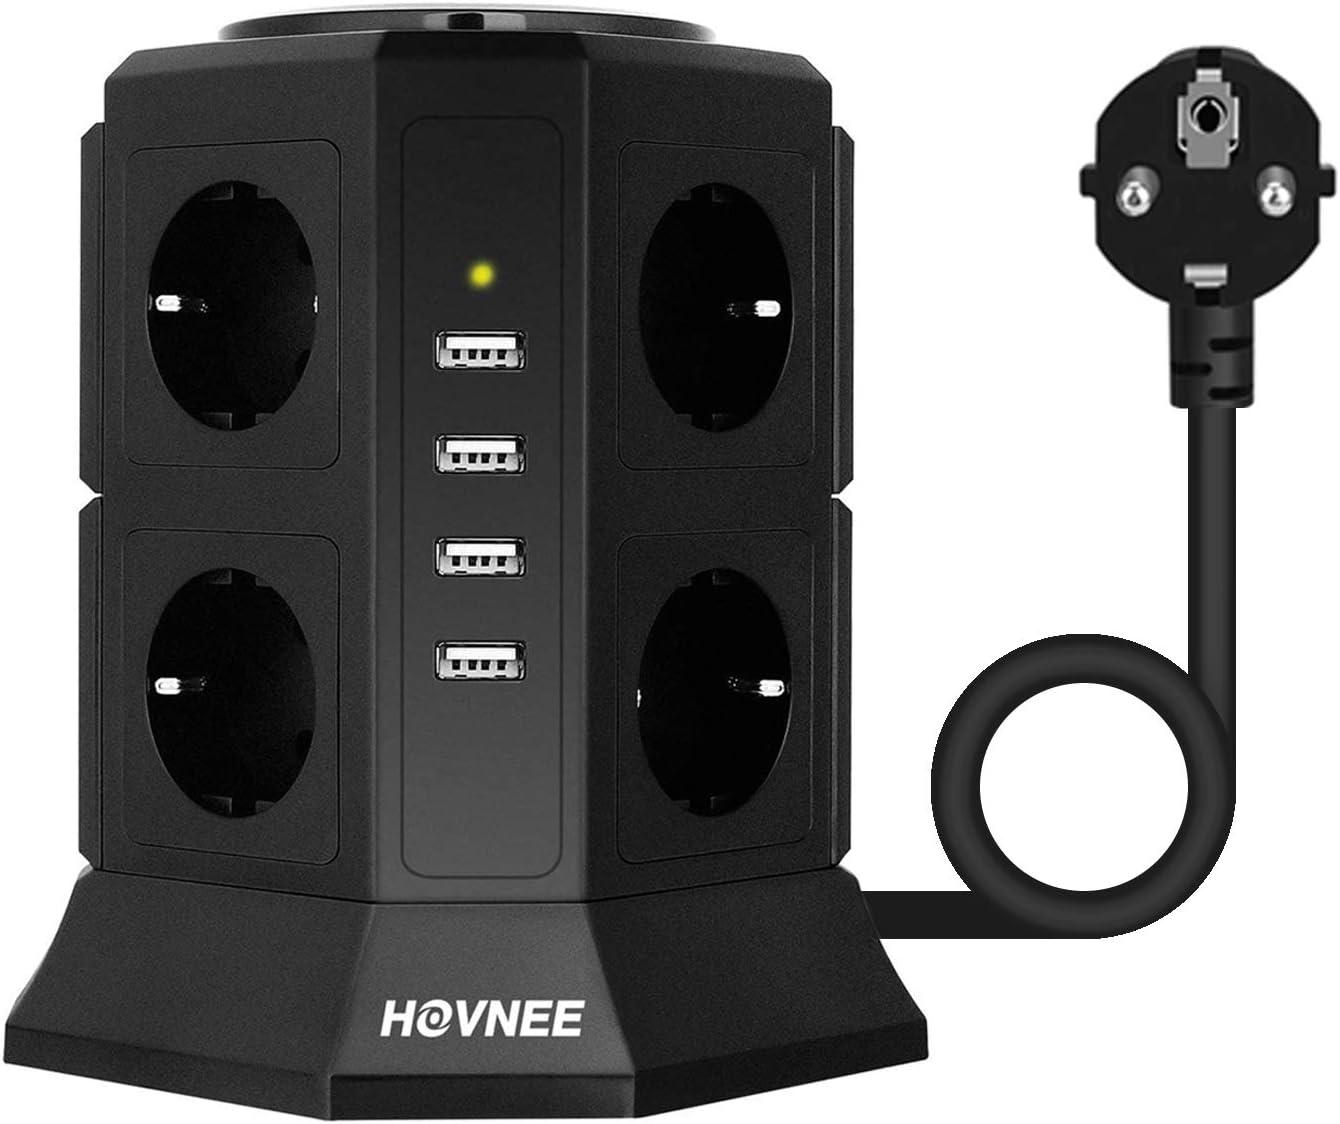 HOVNEE Regleta Vertical Torre Enchufes proteccion sobretension de 8 Tomas Corrientes y 4 Rápida USB Tomas, Cable de extensión de seguridad de 2m y Interruptor, Tapón de Seguridad, 2500W/10A